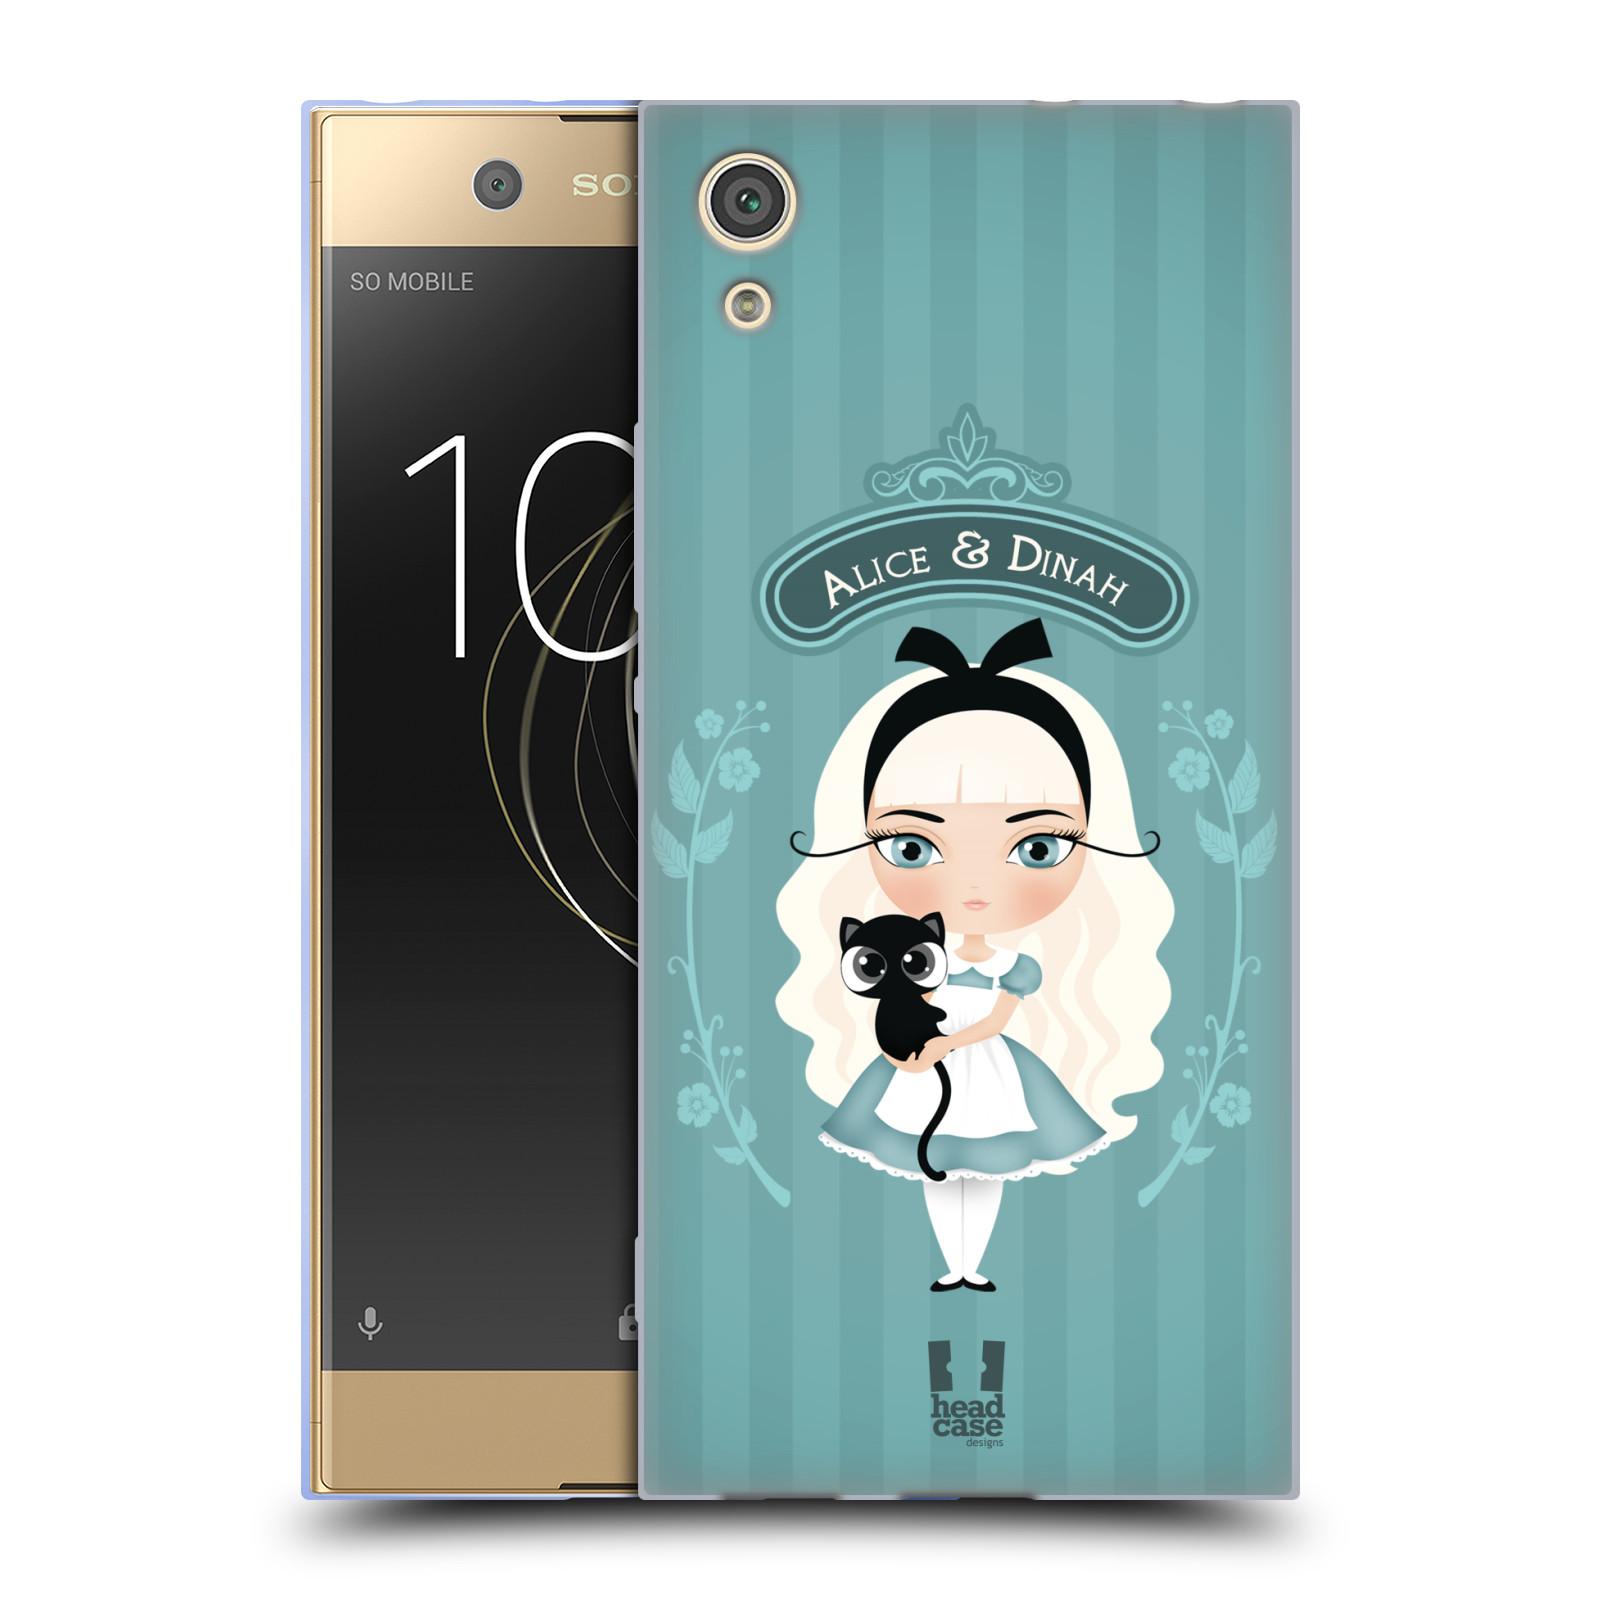 HEAD CASE silikonový obal na mobil Sony Xperia XA1 / XA1 DUAL SIM vzor Alenka v říši divů Alenka